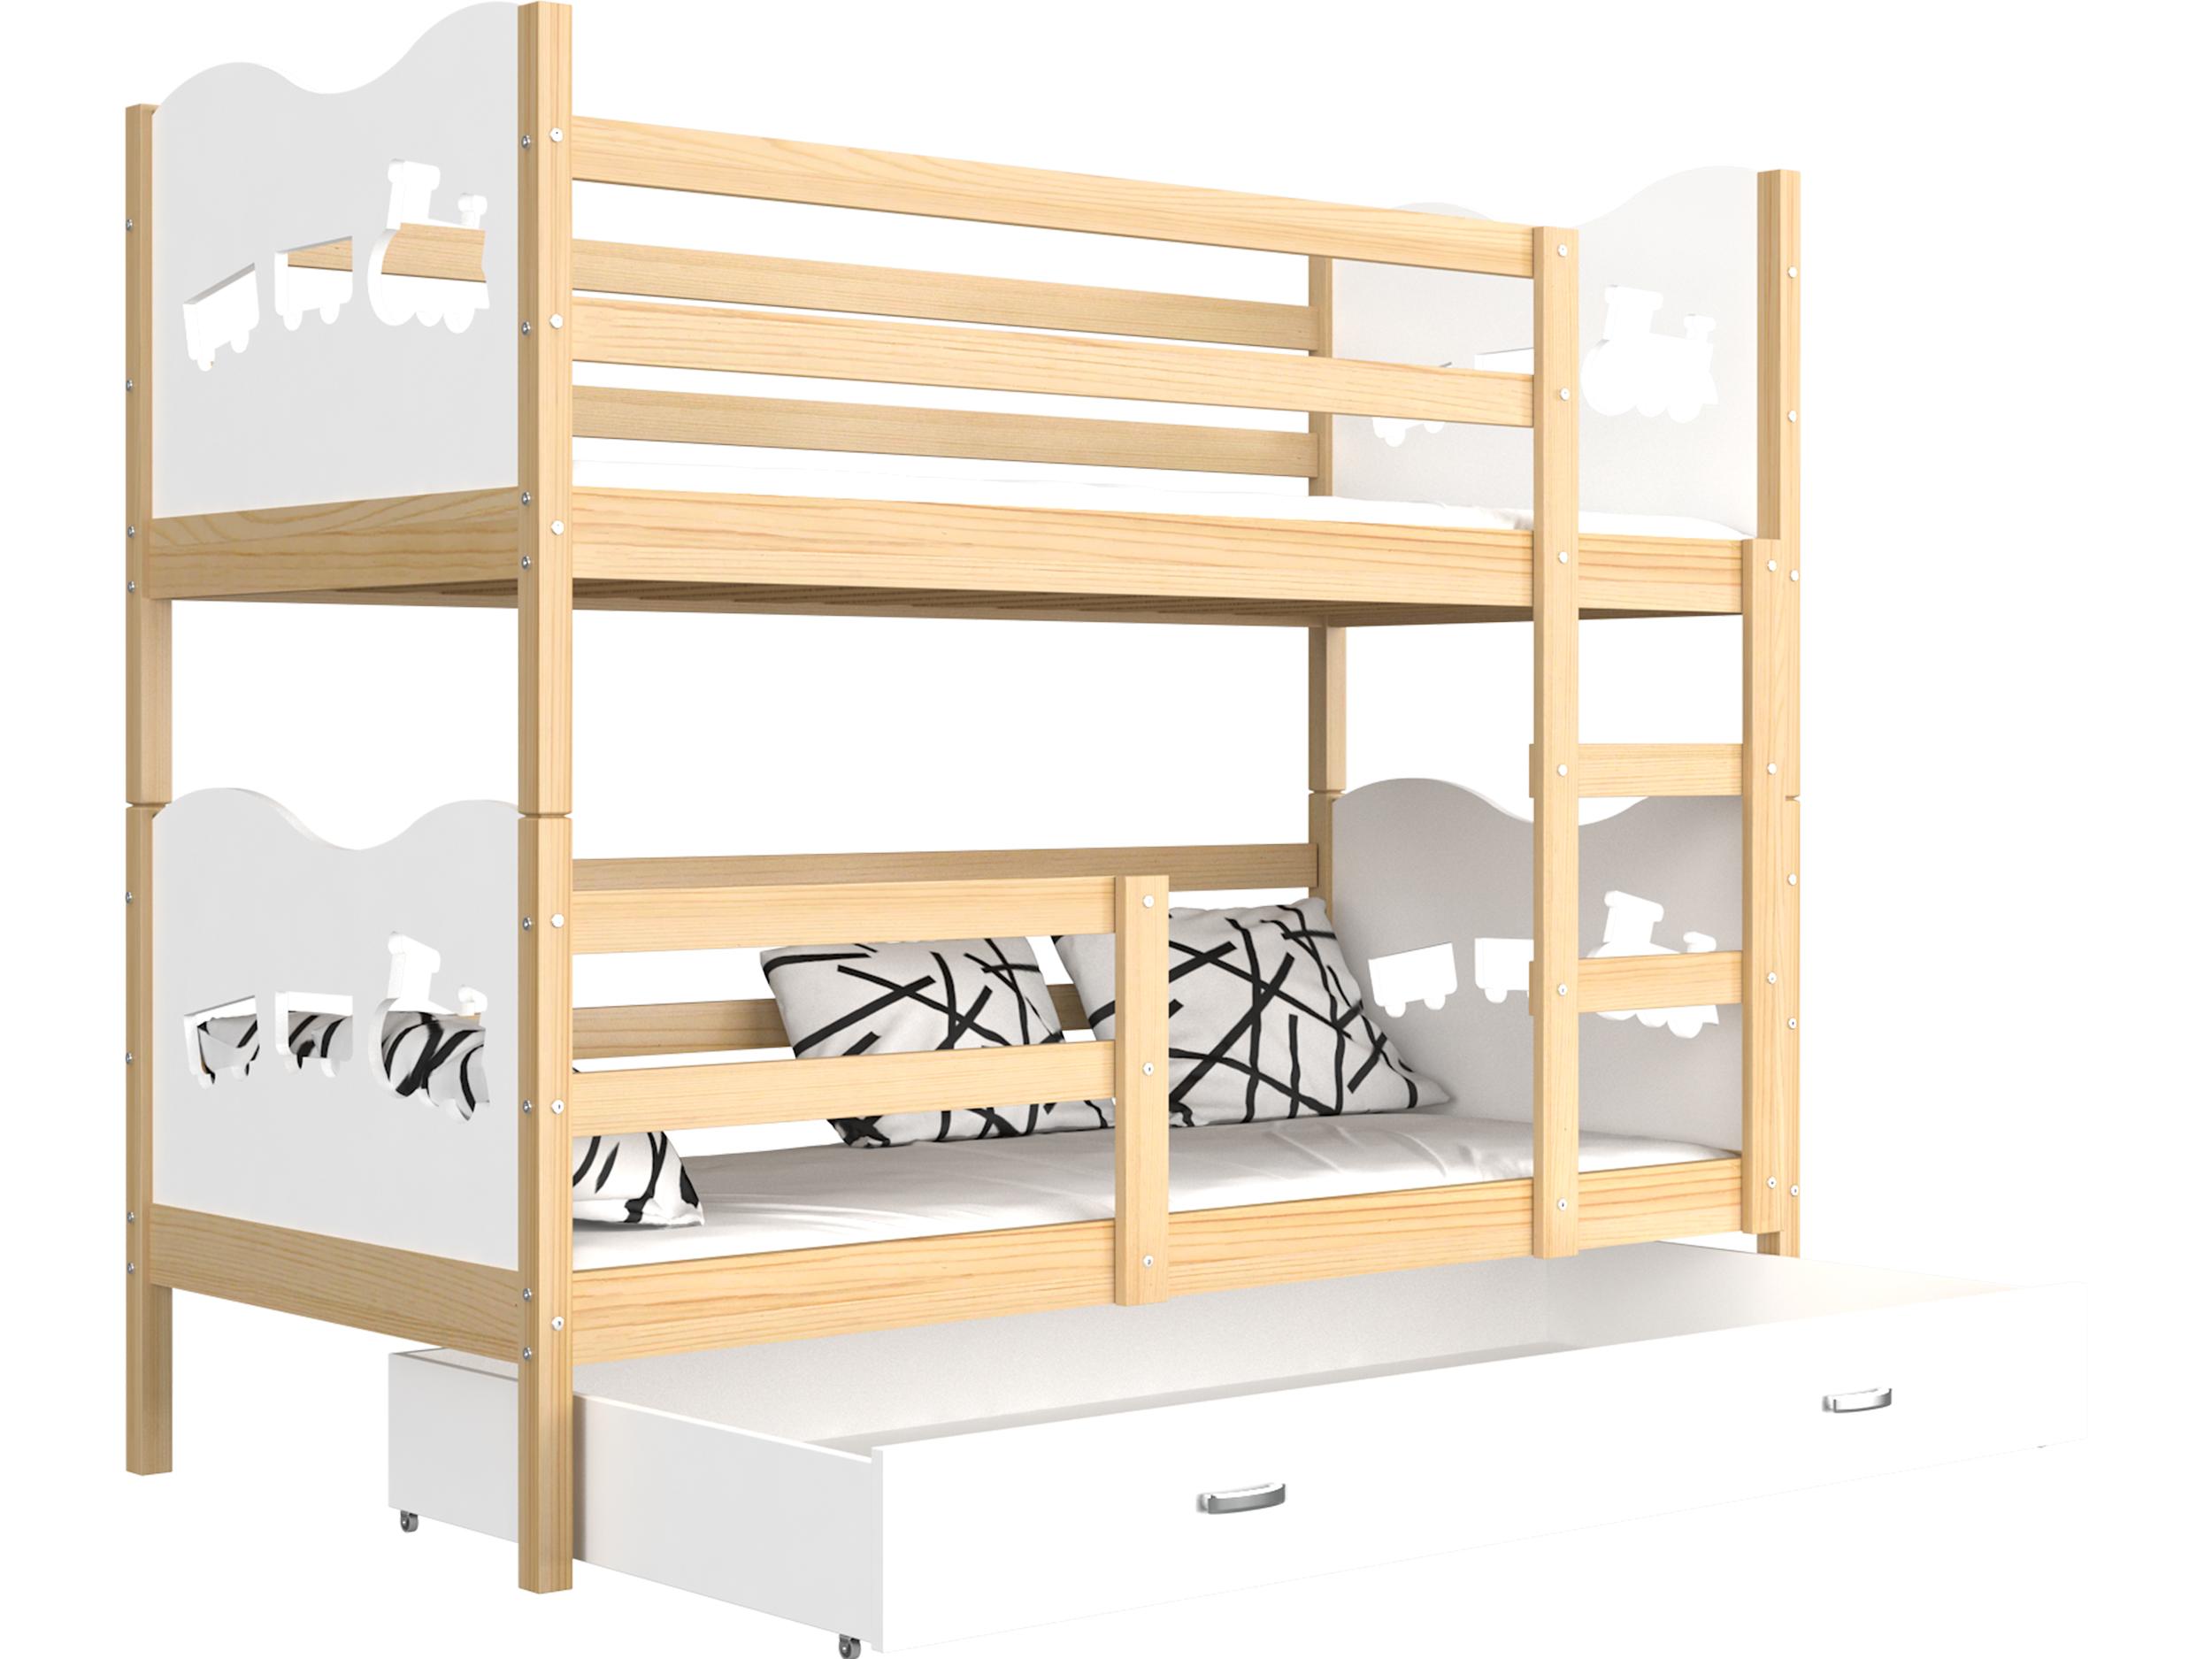 ArtAJ Detská poschodová posteľ Max drevo / MDF 160 x 80 cm Farba: Borovica / biela 160 x 80 cm, s matracom